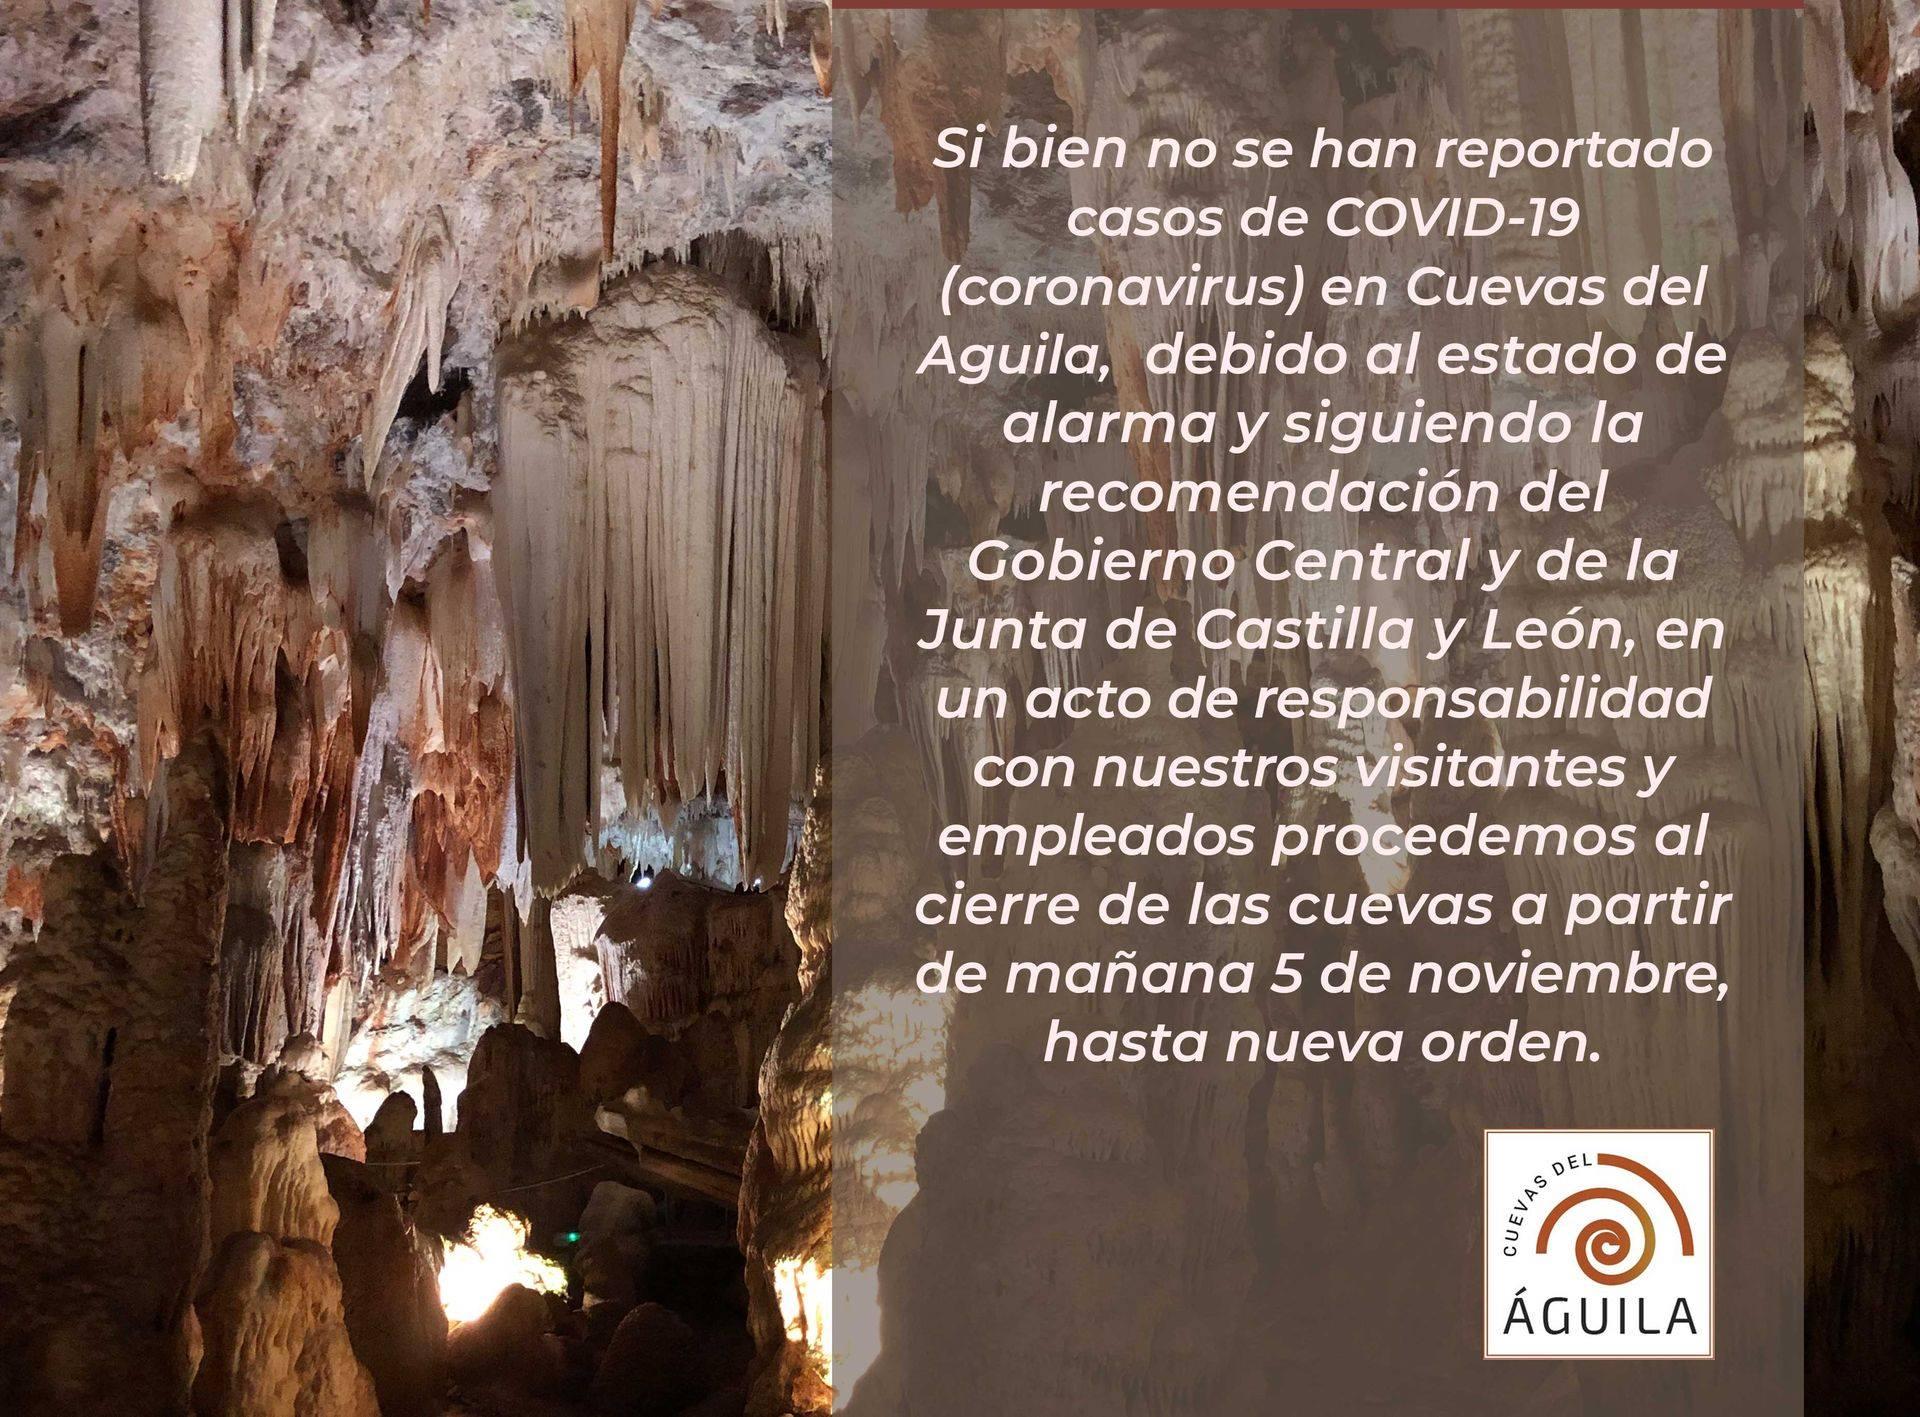 2020-11-05 Cierre Cuevas del Águila - Arenas de San Pedro - Ramacastañas - TiétarTeVe